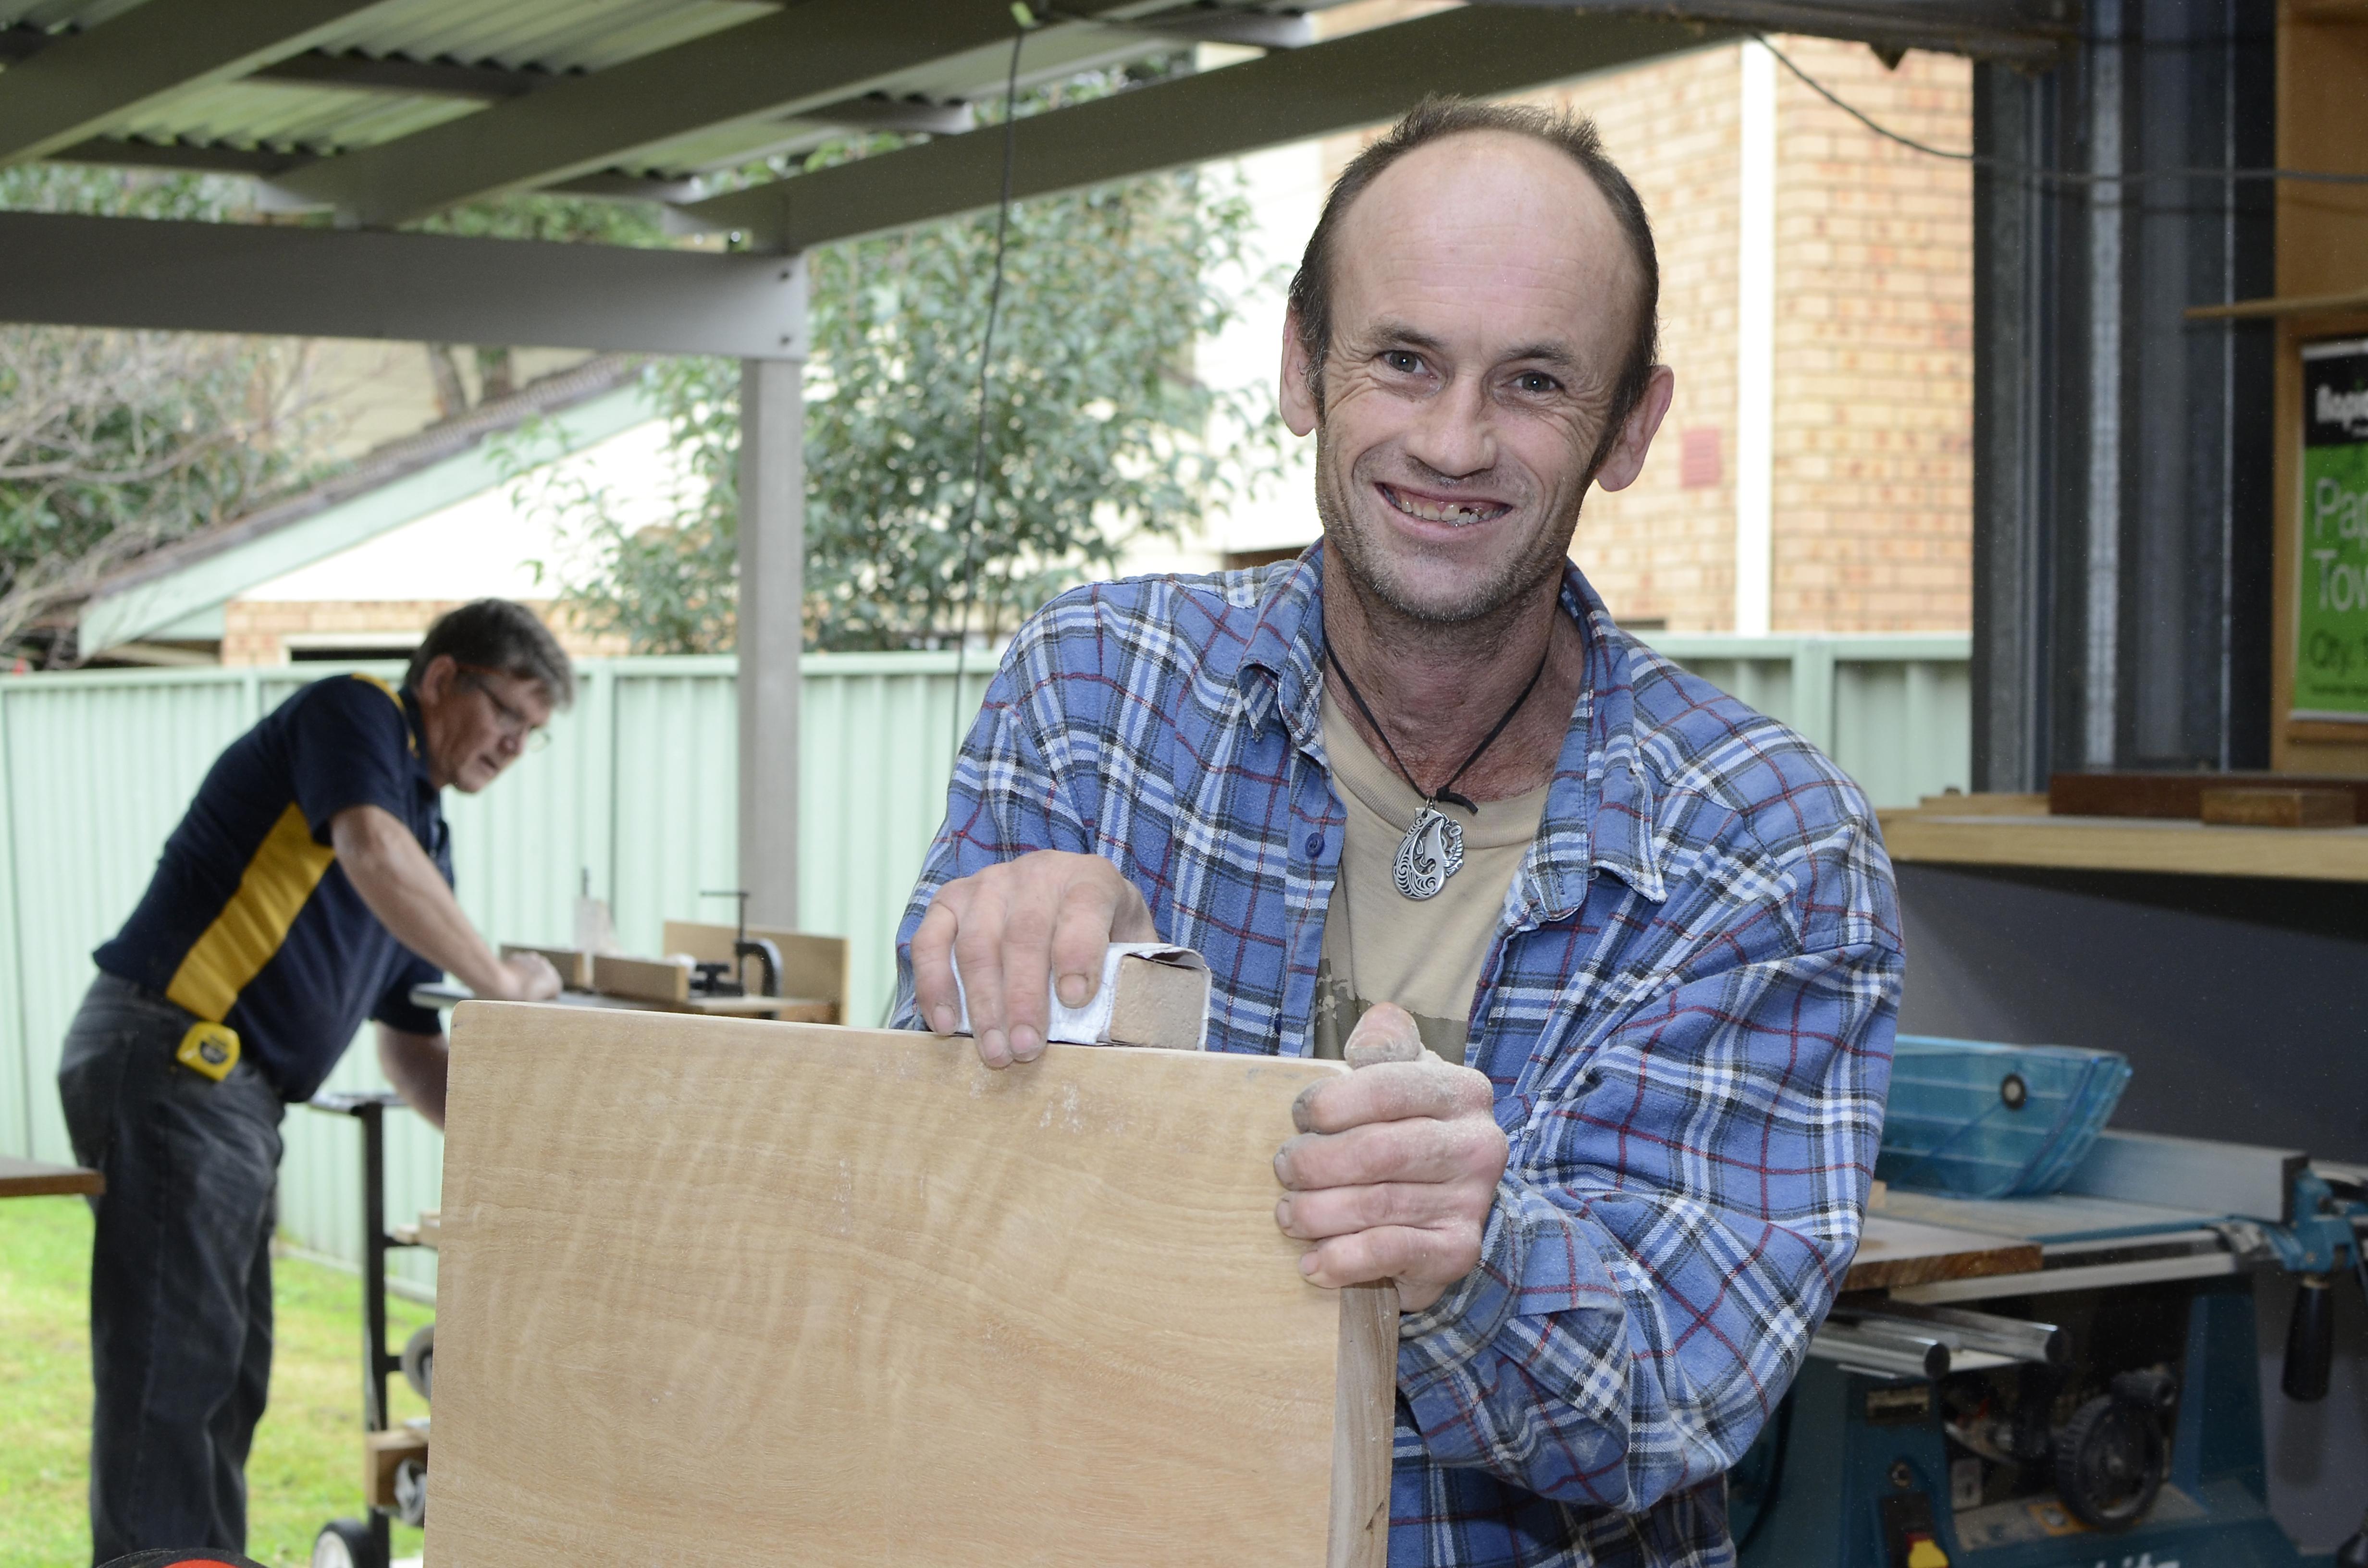 Brad - A Keen Woodworker